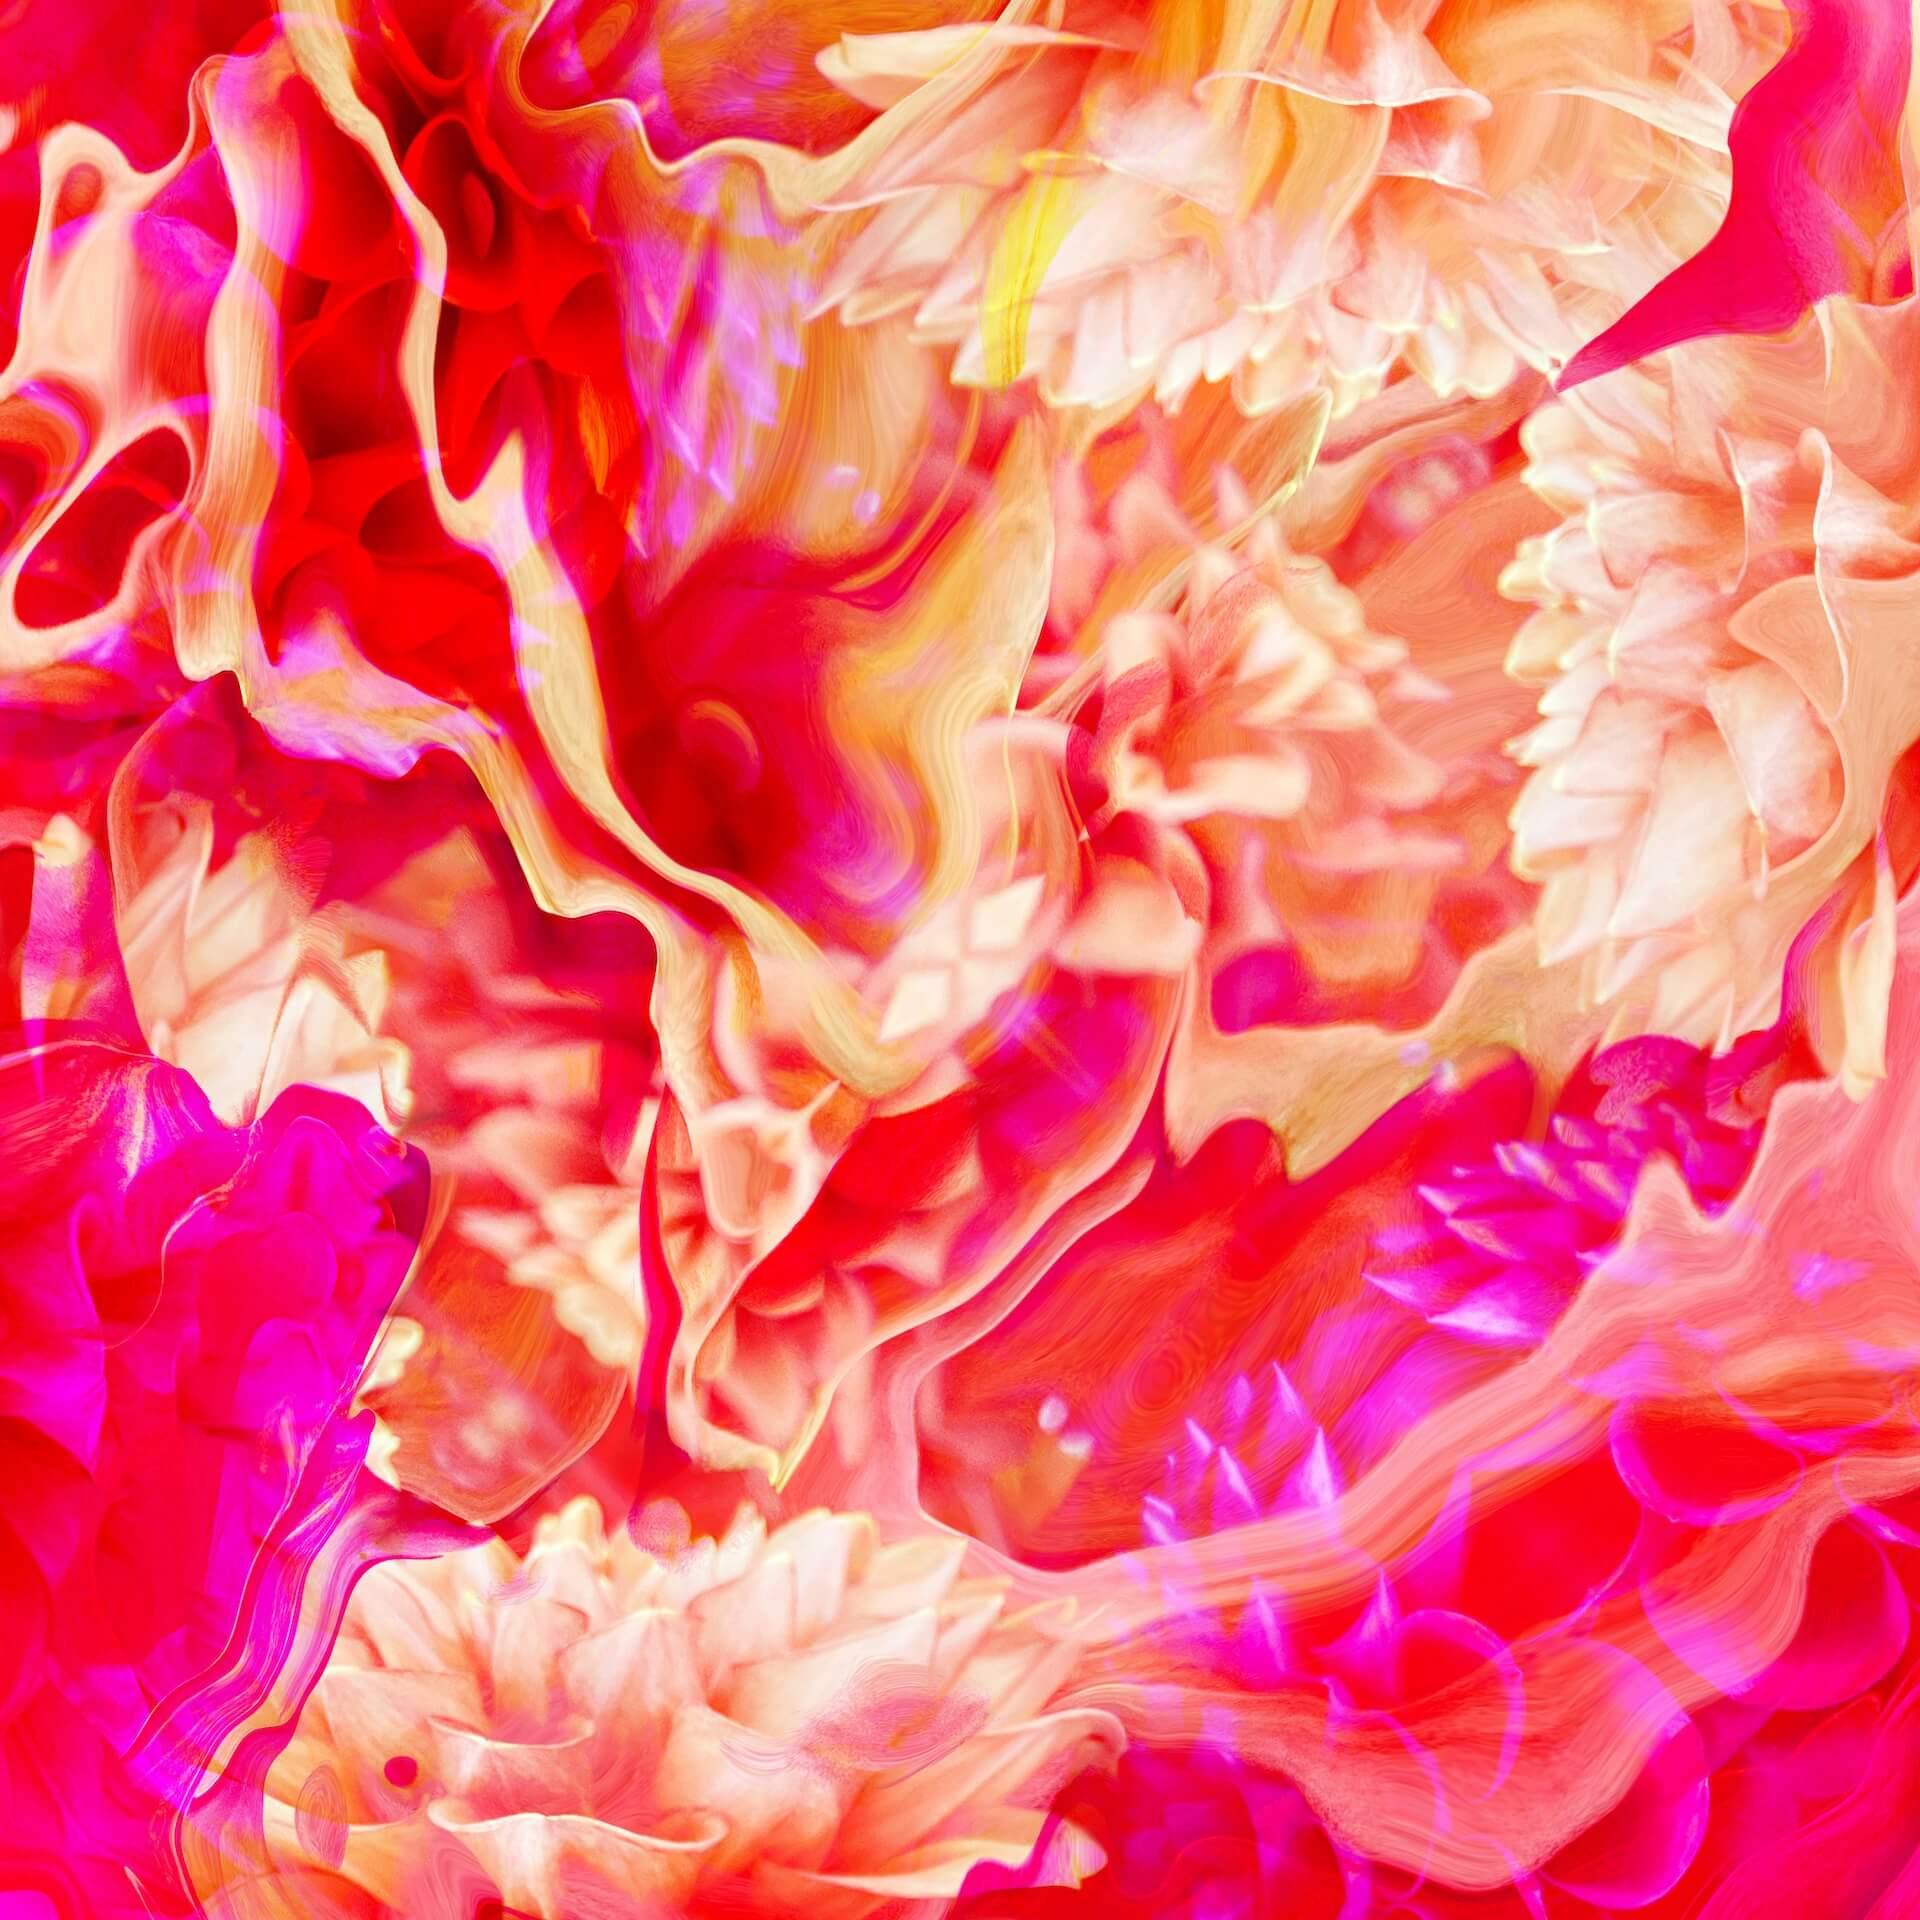 黒瀧節也による音楽と写真を組み合わせたアートヴァイナルやNFT作品のエキシビジョン<ALTER EGO>が原宿 THE PLUGにて開催! art210604_alterego_7